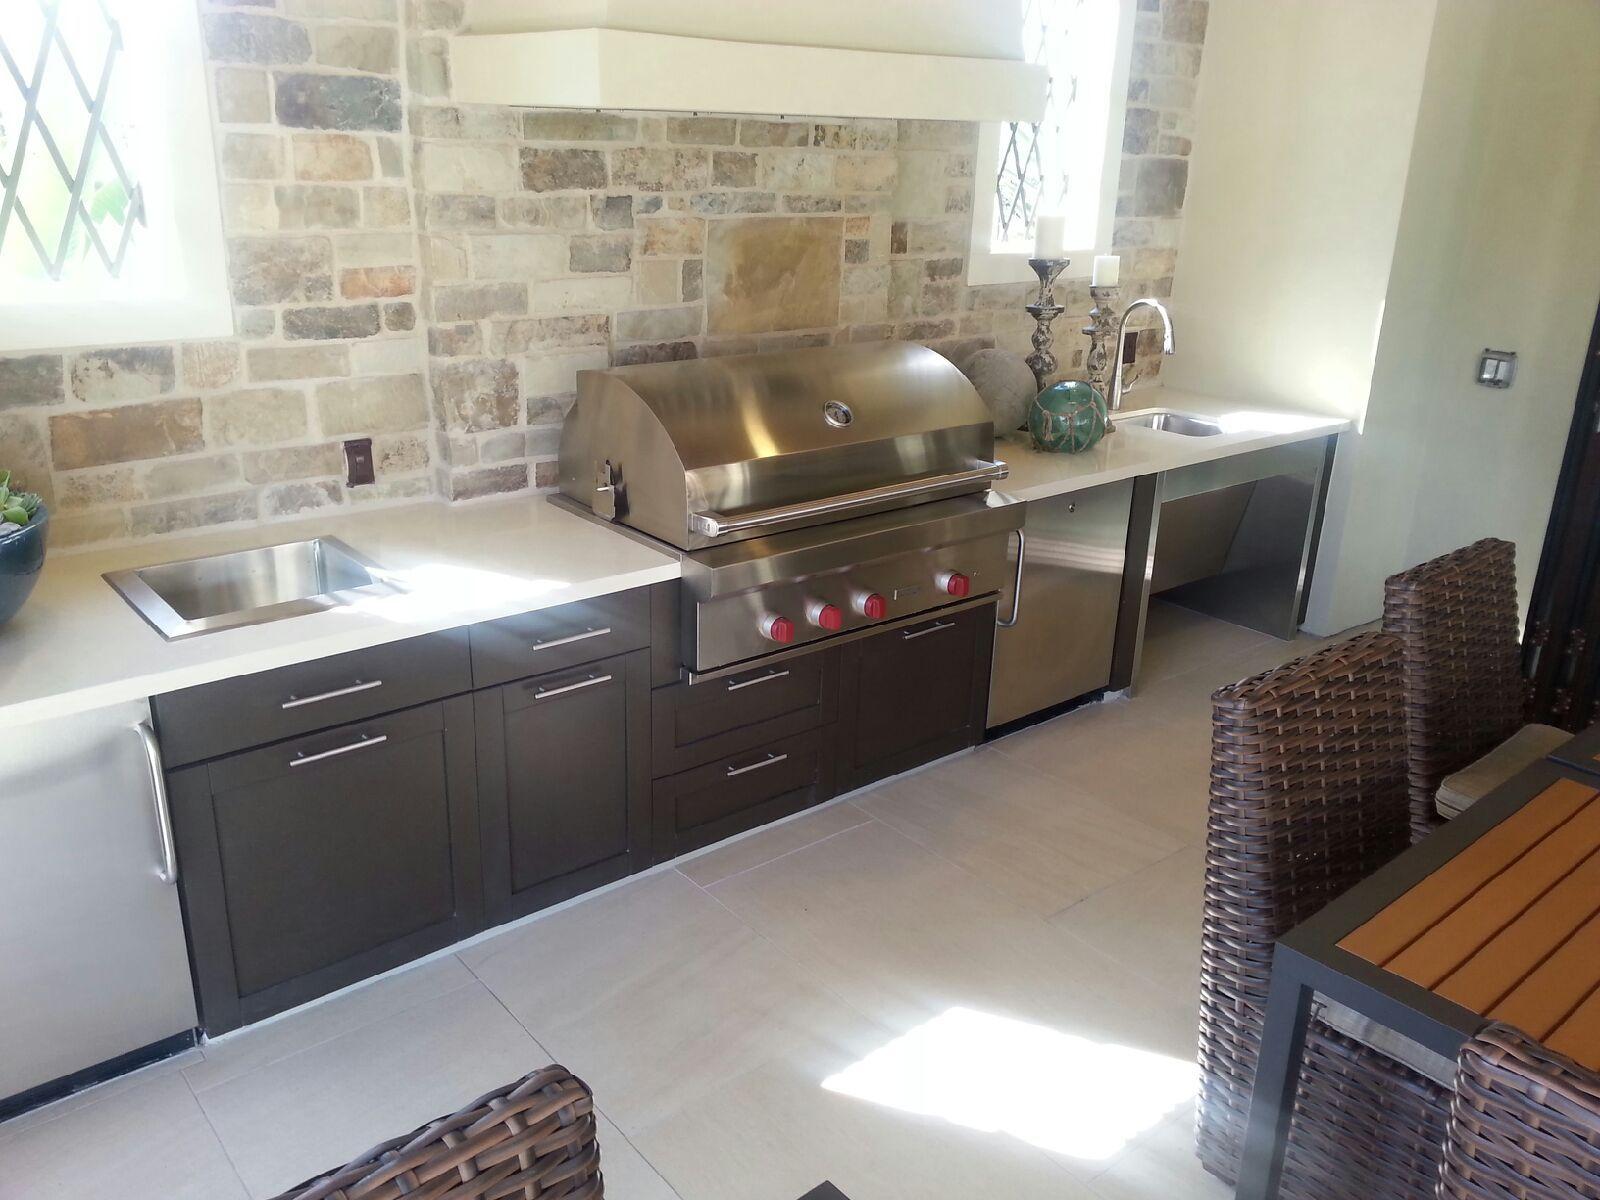 Ada Compliant Kitchen Cabinets Kitchen Design Outdoor Kitchen Cabinets Kitchen Cabinets